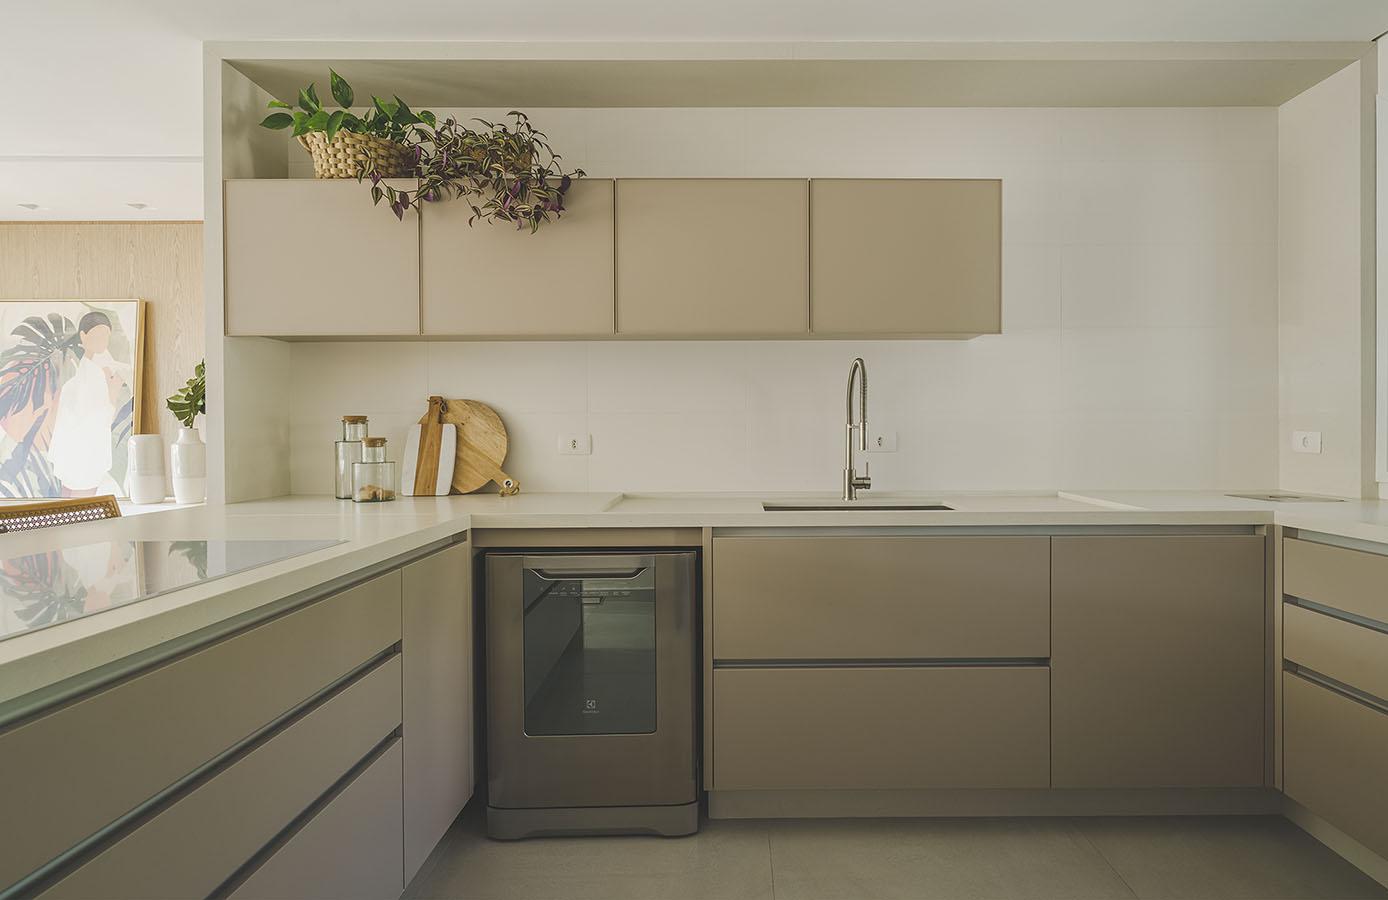 Arquiteto_Curitiba_Arquiteta_AlessandraGandolfi_Apartamento_RR_Interiores_4